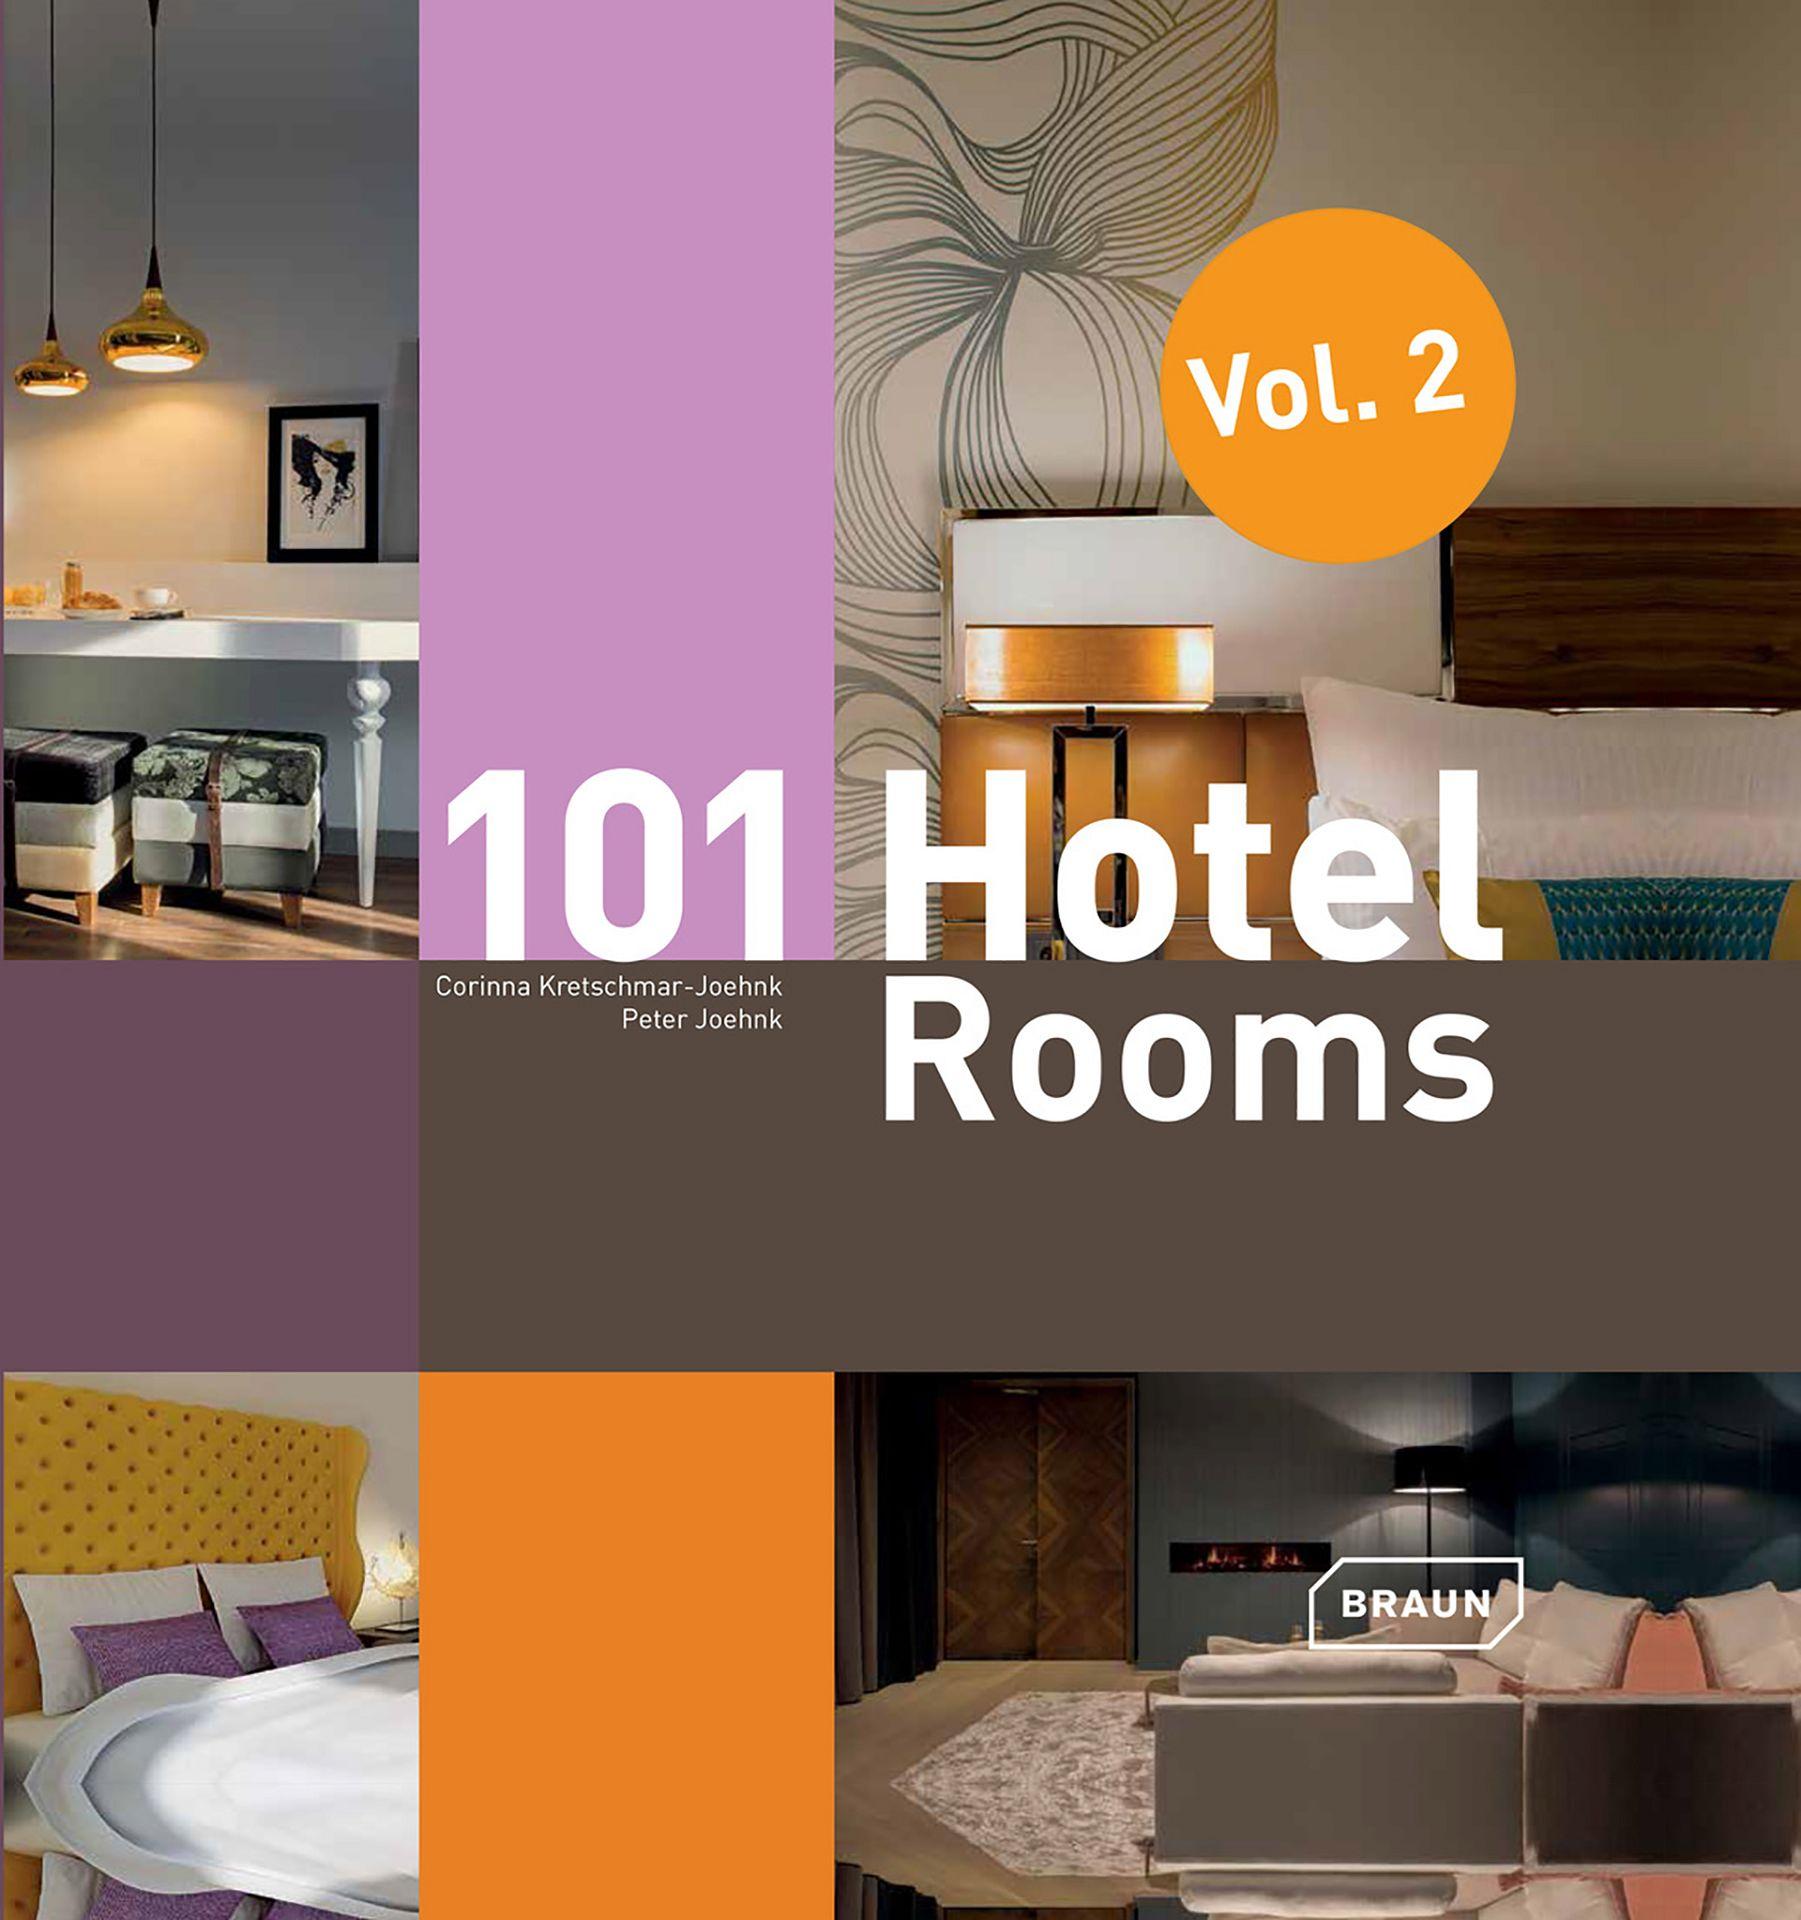 Buch 101 Hotel Rooms von Peter Joehnk Corinna Kretschmar-Joehnk von JOI-Design